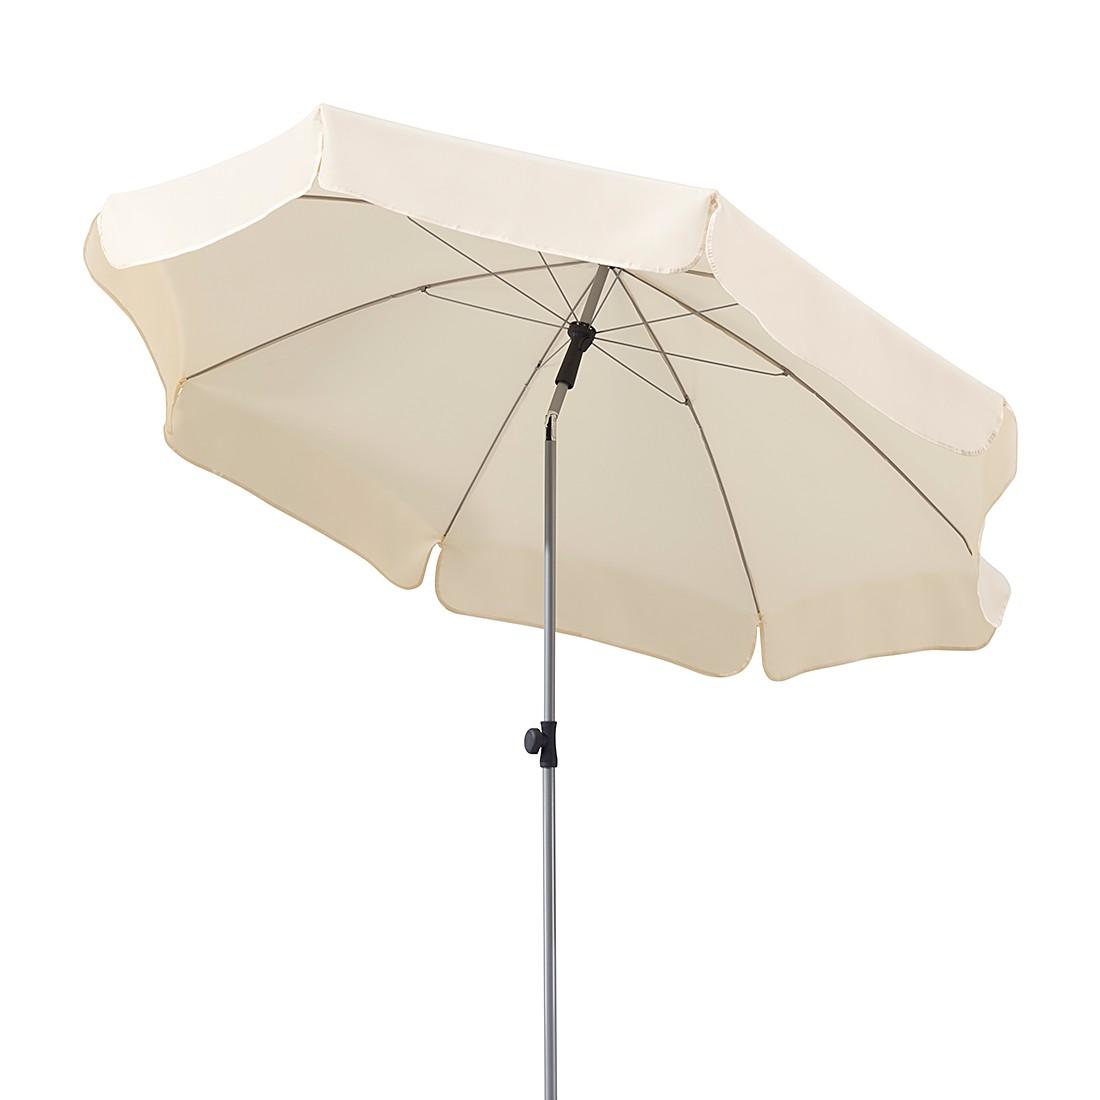 Lugano 200 Sonnenschirm - Stahl/Polyester - Silber/Natur, Schneider Schirme